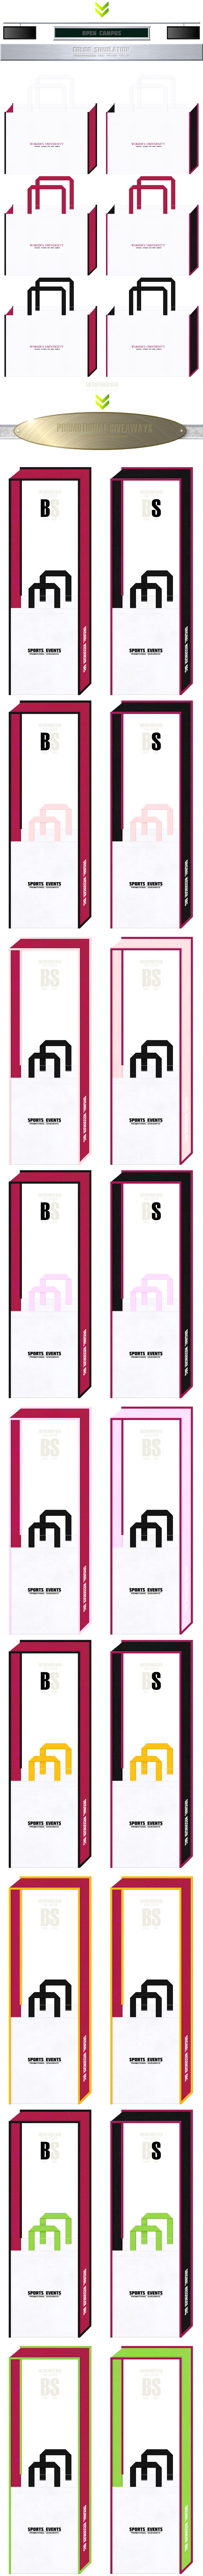 白色と濃いピンク色をメインに使用した、不織布バッグのカラーシミュレーション:オープンキャンパス・スポーツイベントにお奨め